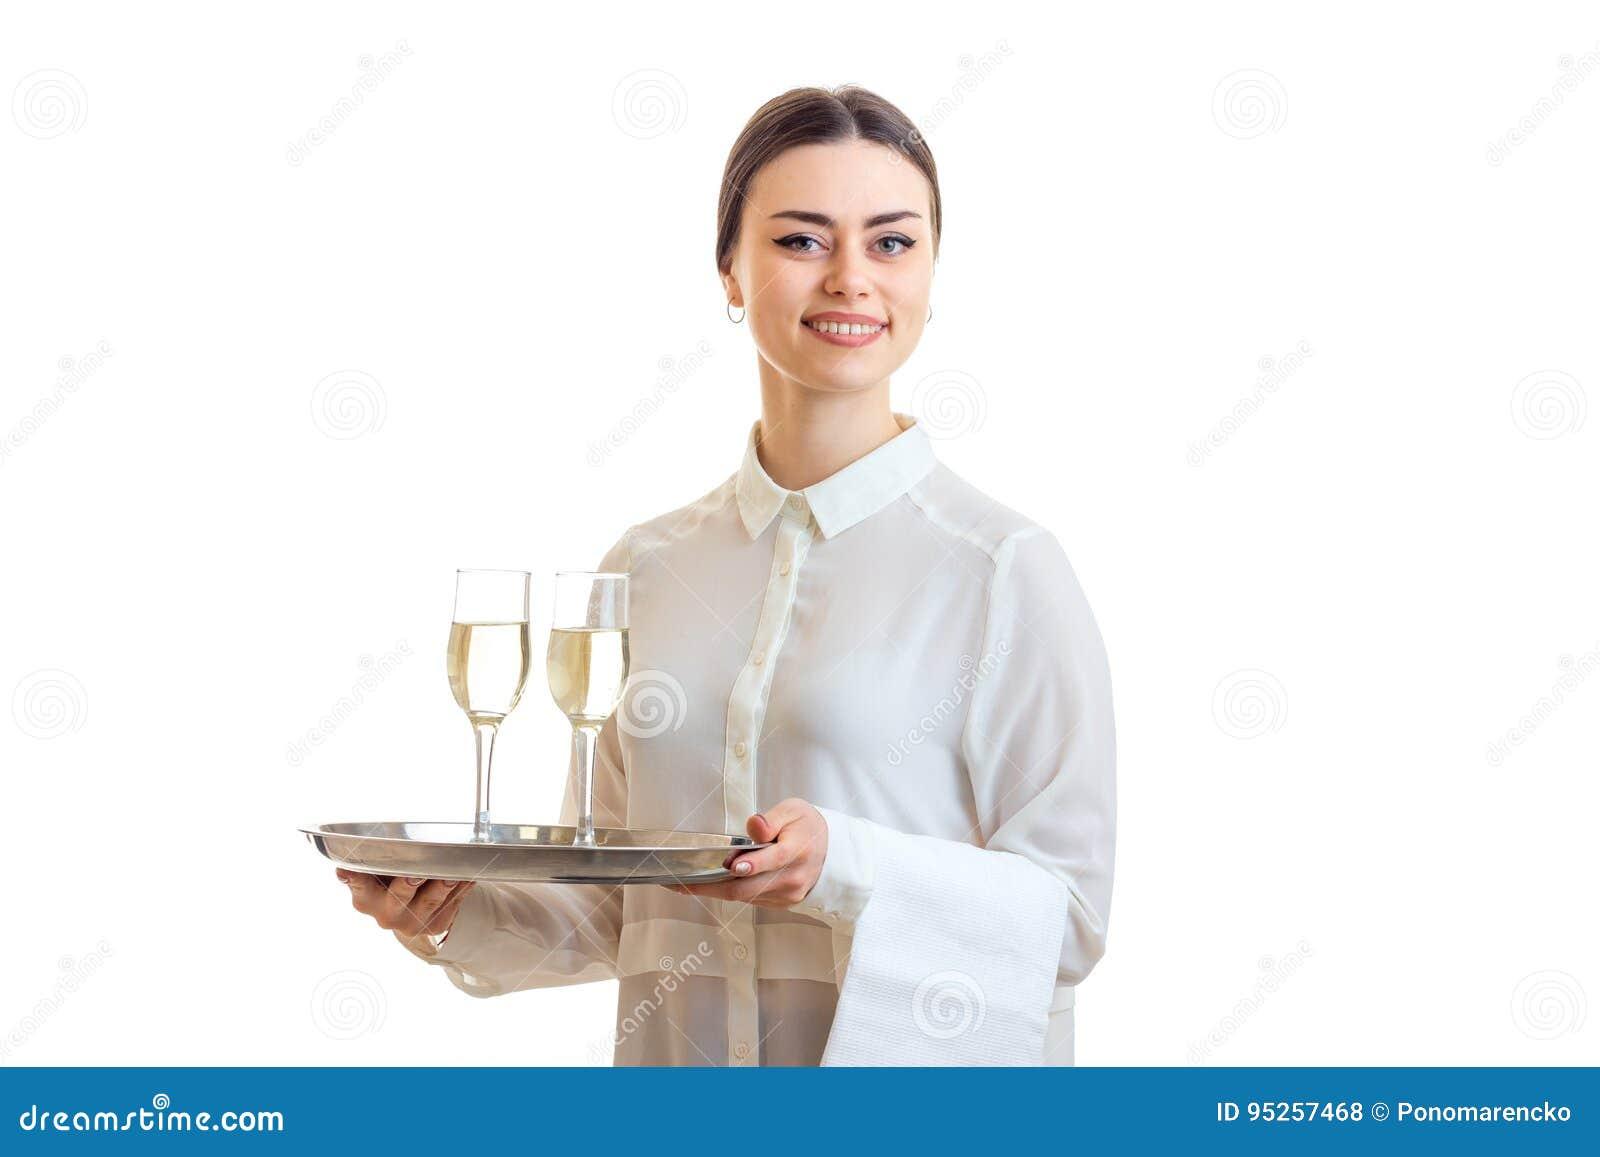 Erfreut Arbeitserfahrung Kellnerin Beispiele Ideen ...